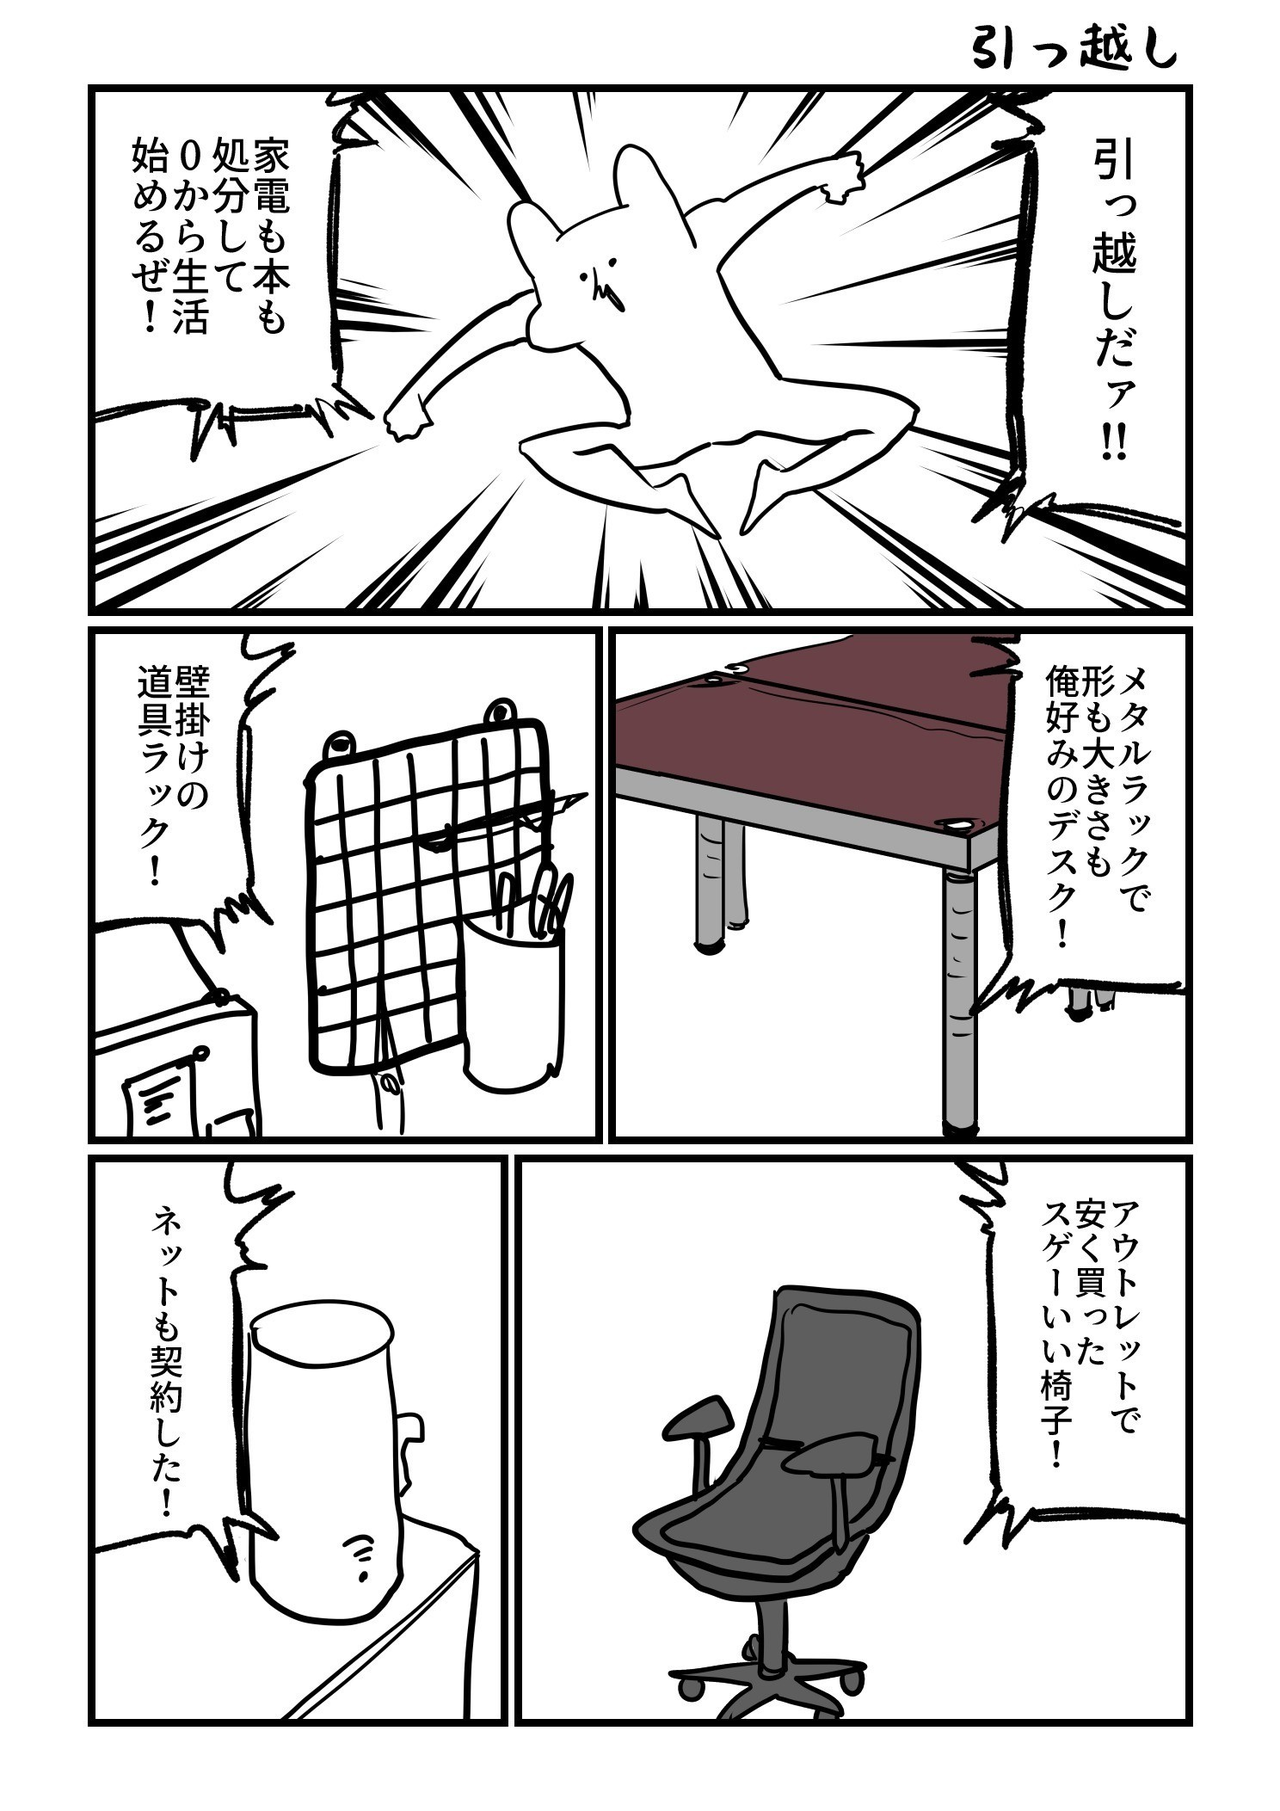 マンガバカ_008